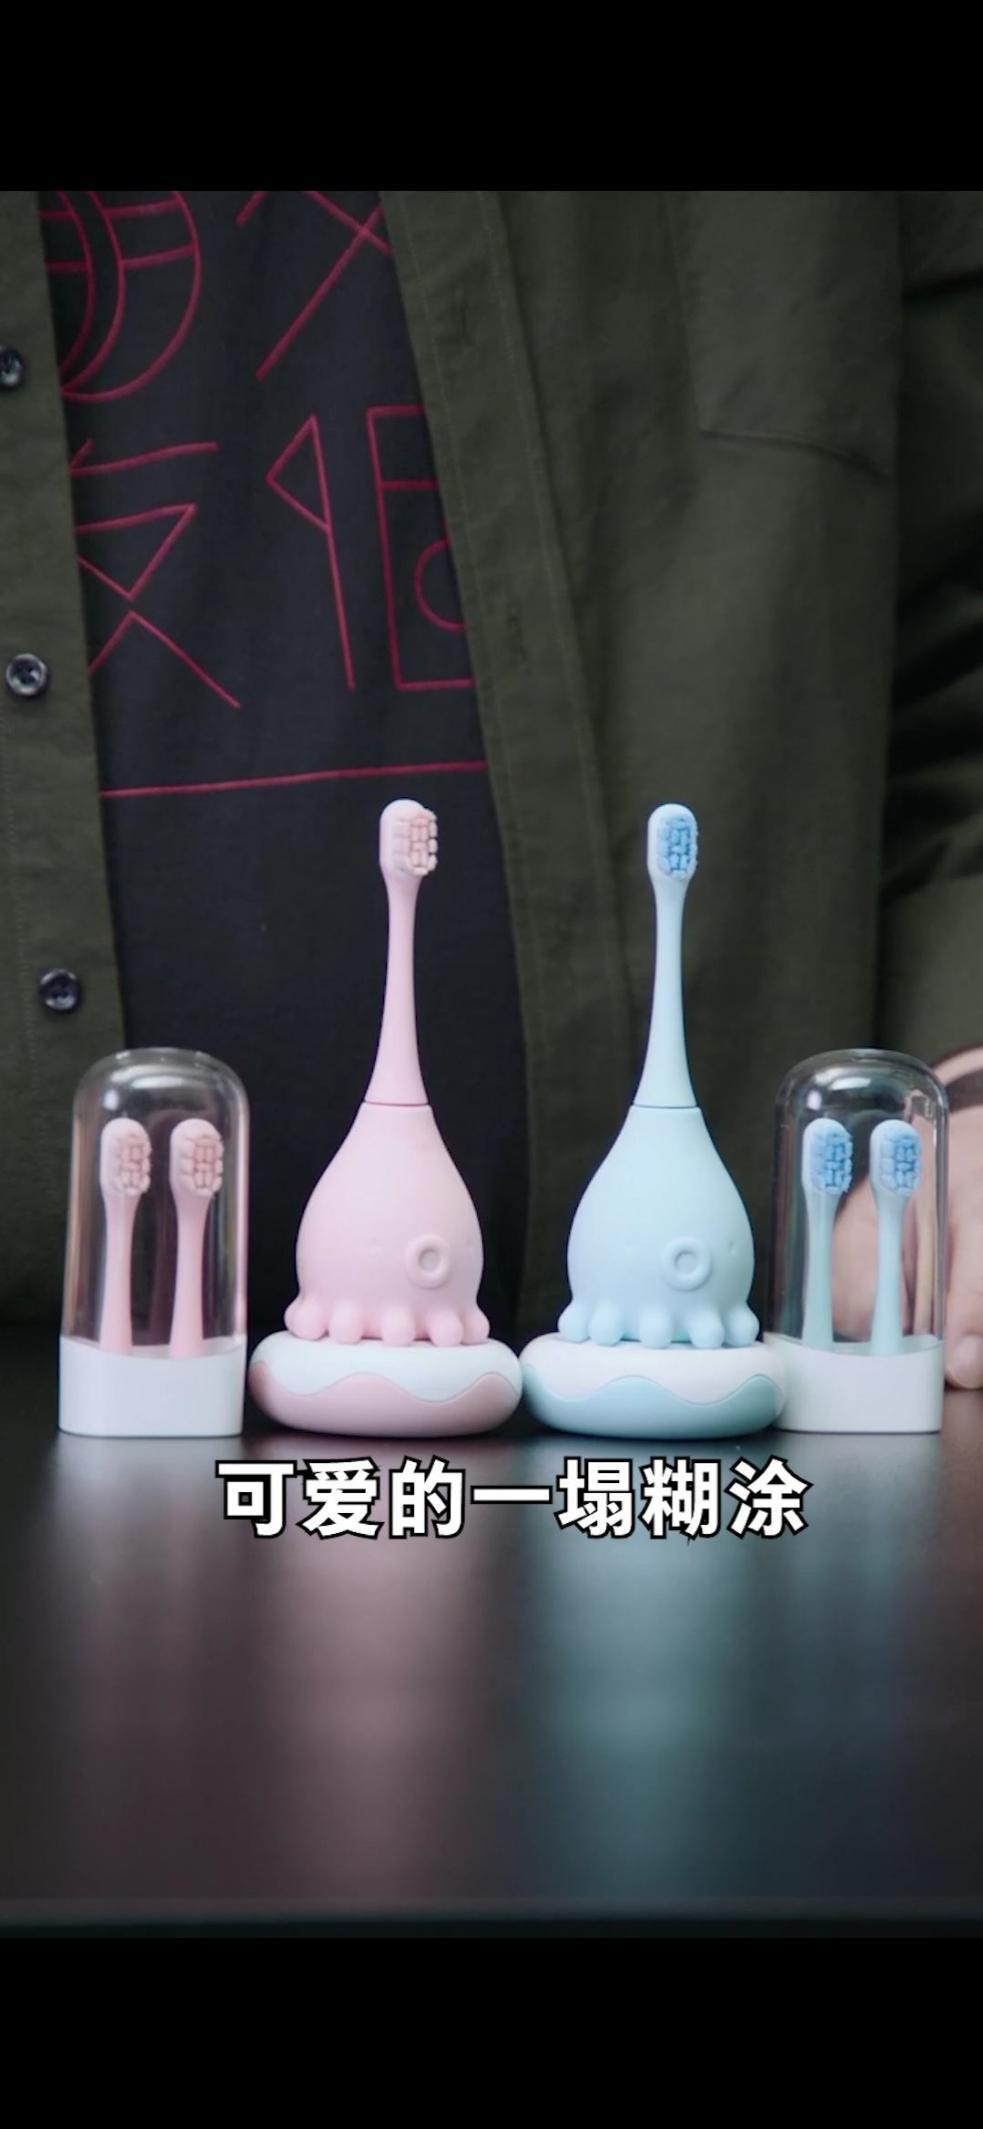 年货节怎么选儿童电动牙刷?罗永浩推荐Combo小章鱼儿童电动牙刷!